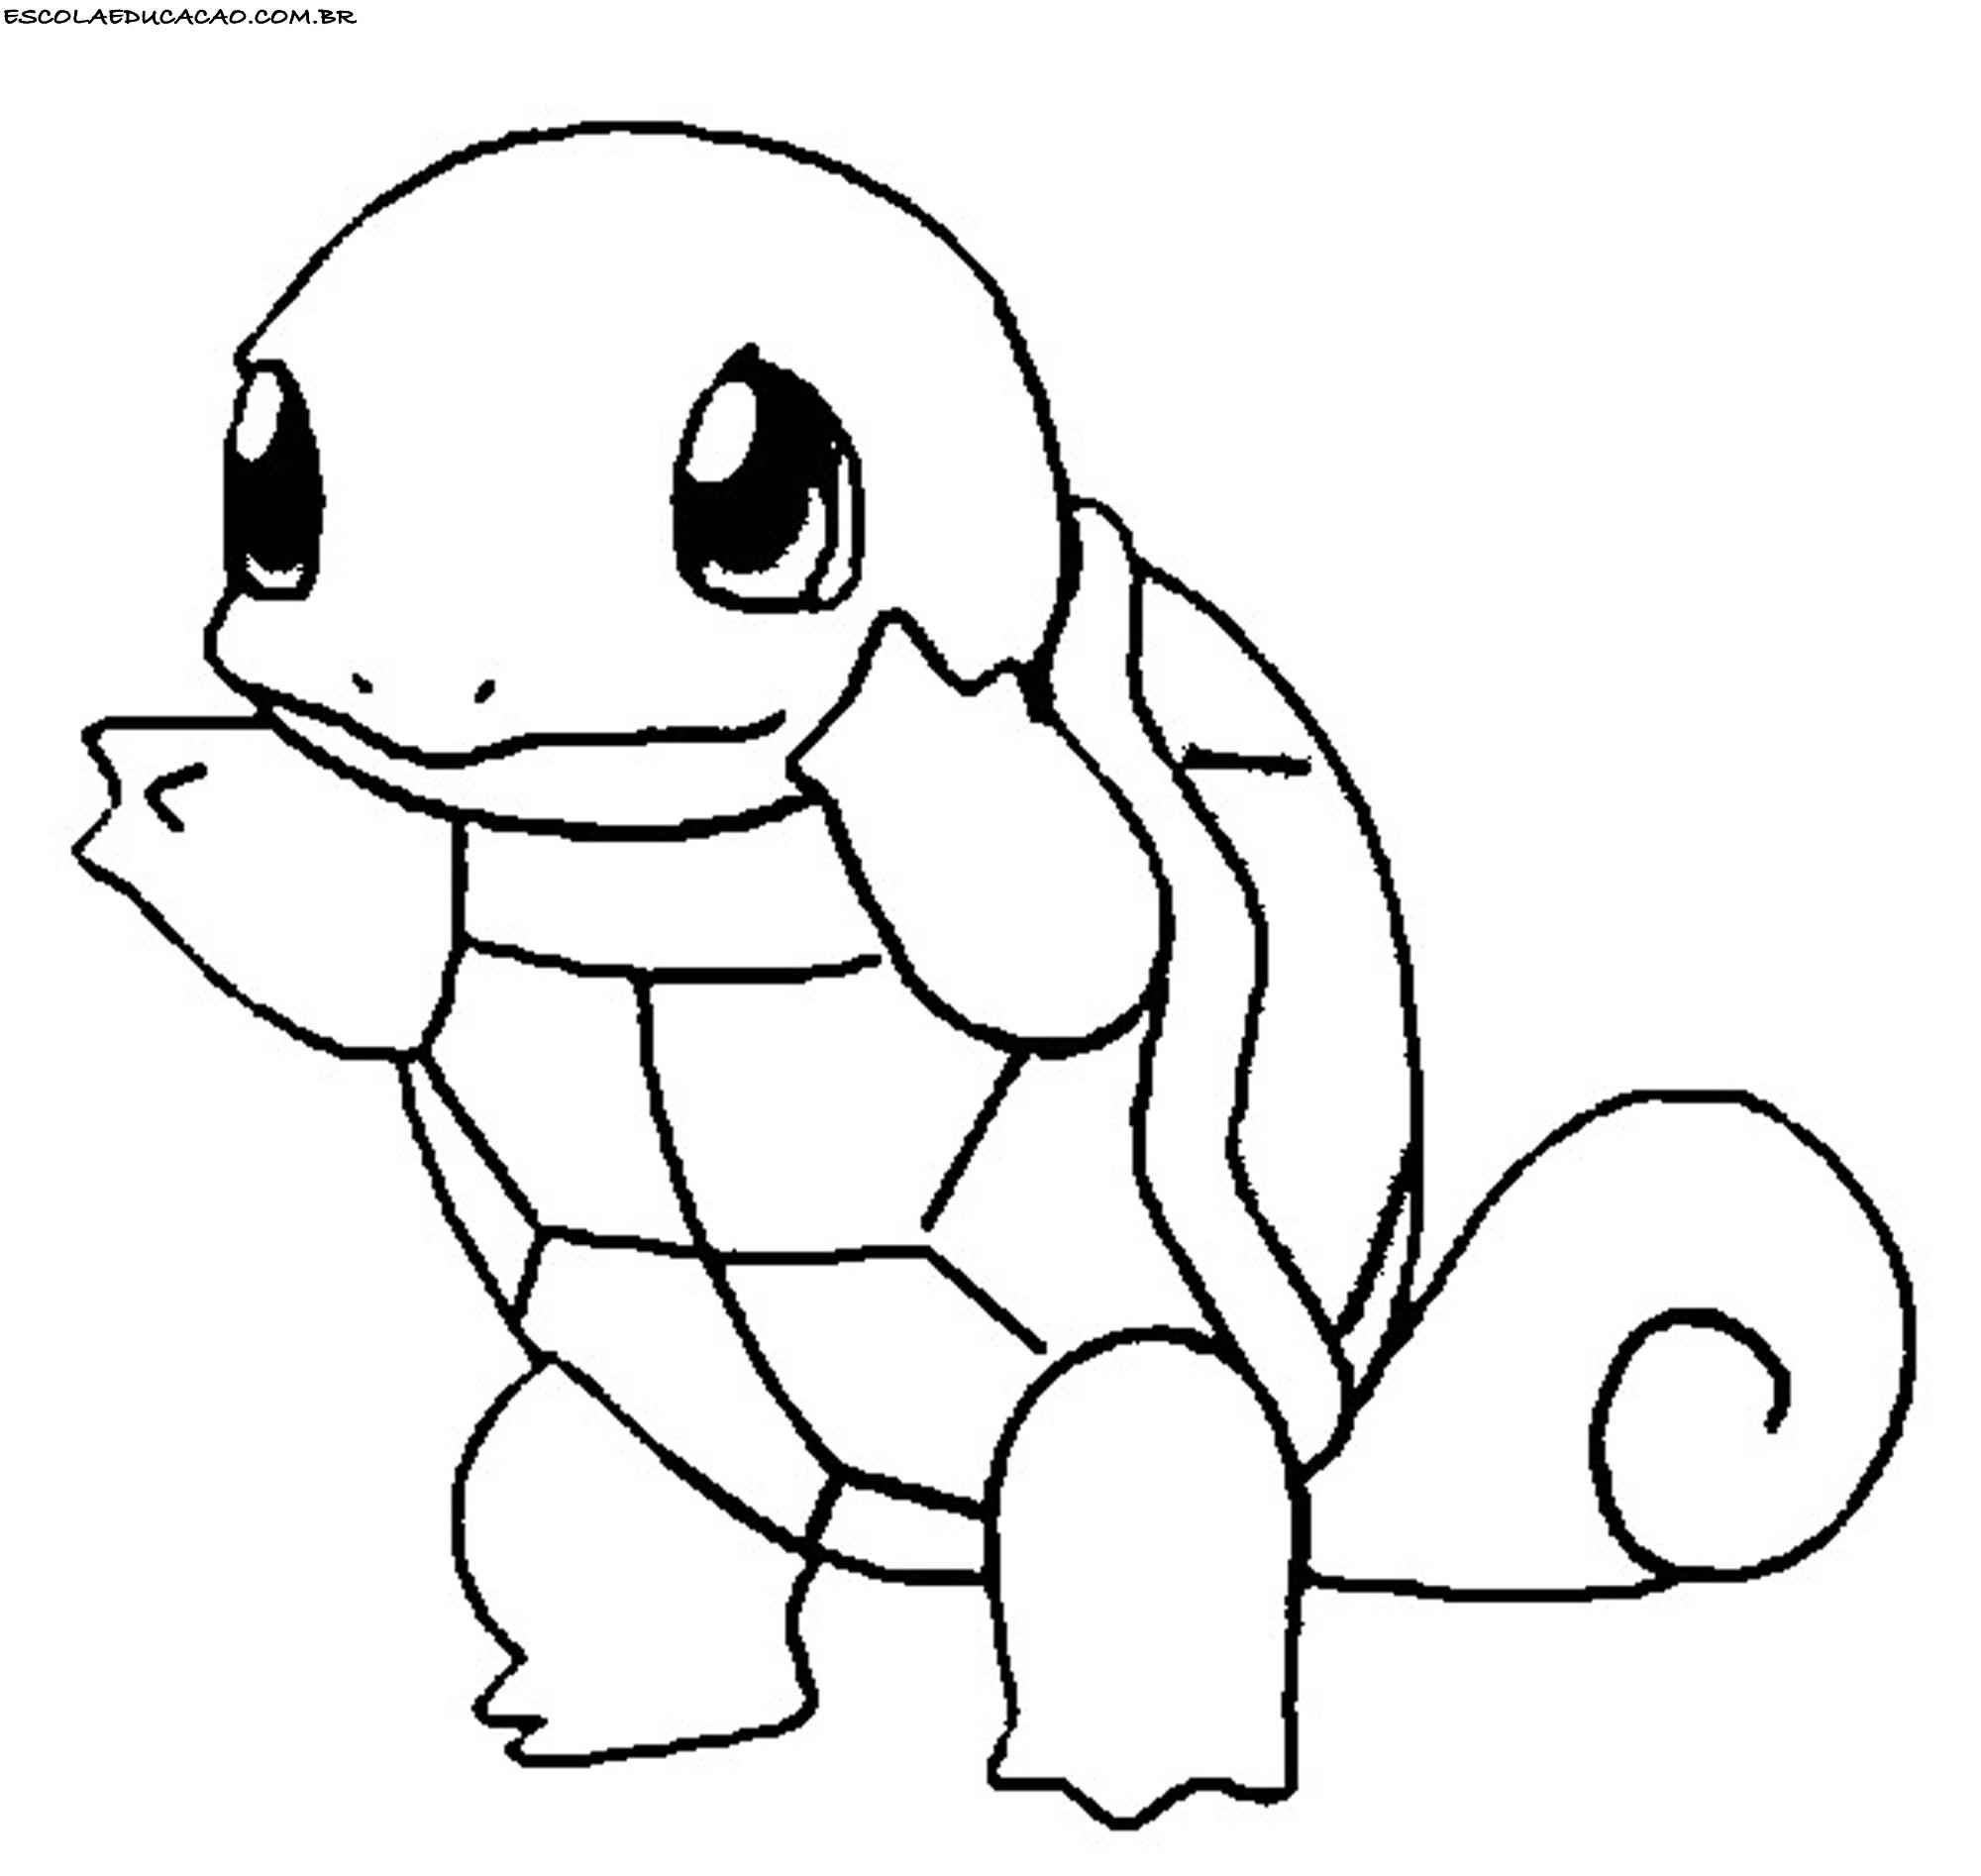 Desenhos Para Colorir Do Pokemon Squirtle Escola Educacao